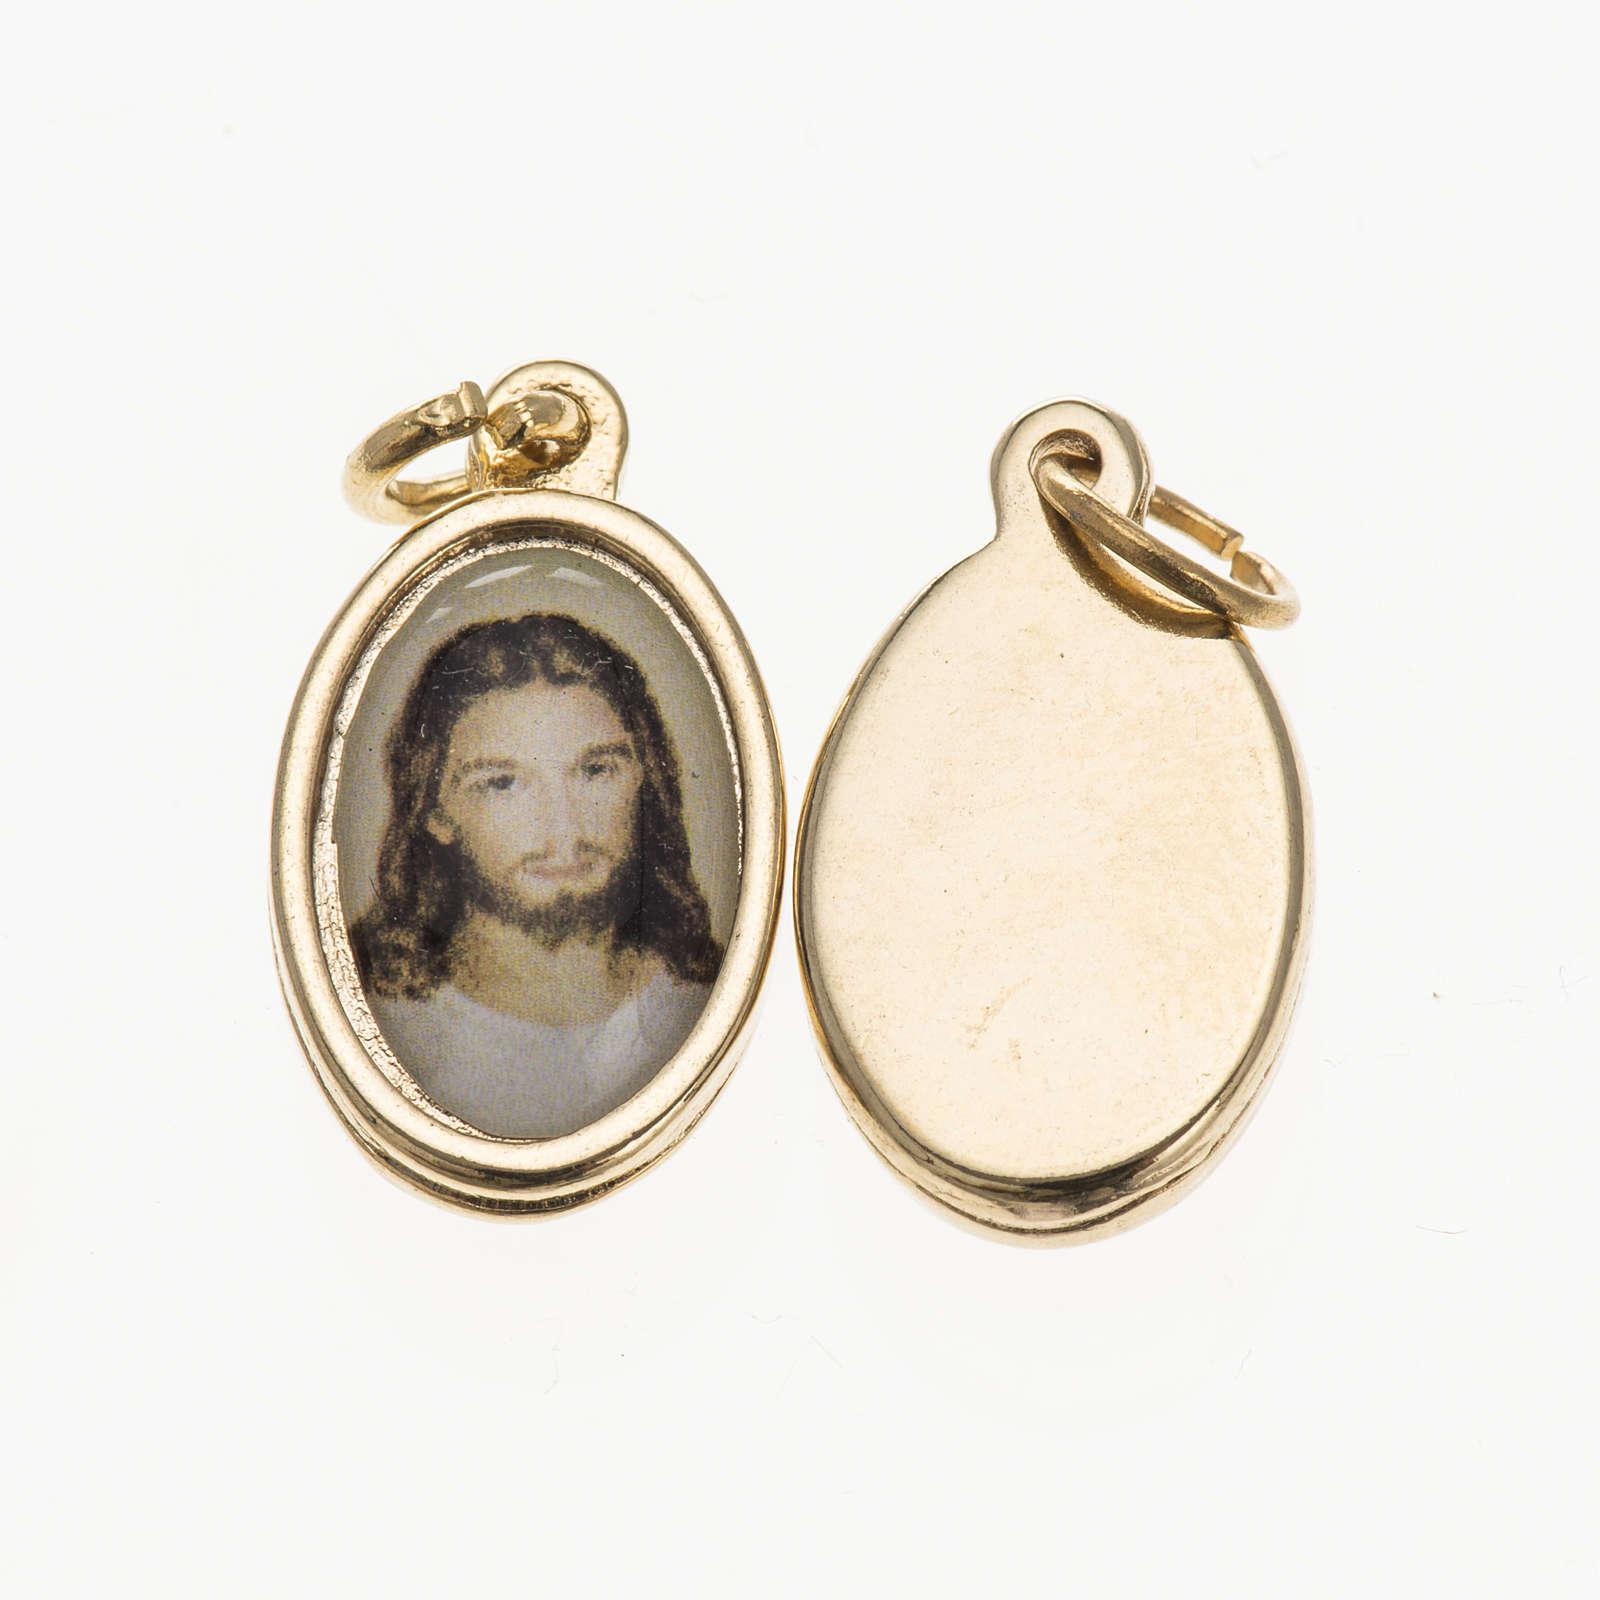 Medaglia Gesù volto - metallo dorato resina 1,5x1 cm 4